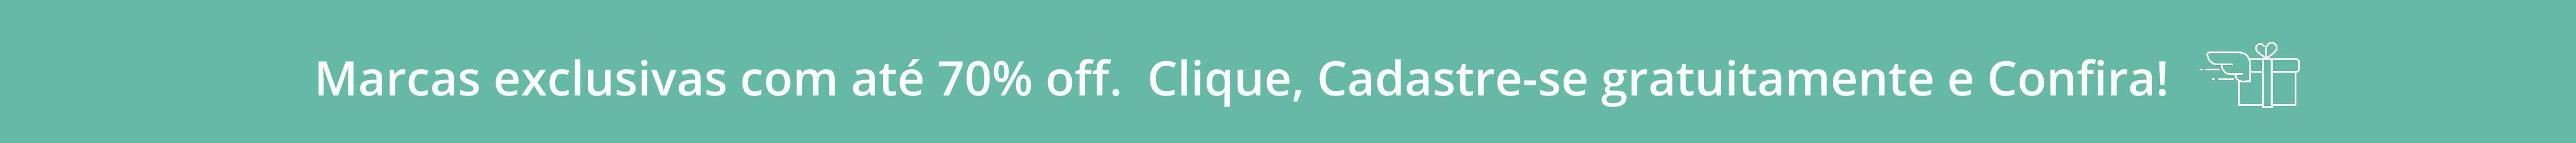 banner grandes marcas com texto e fundo verde - westwing.com.br